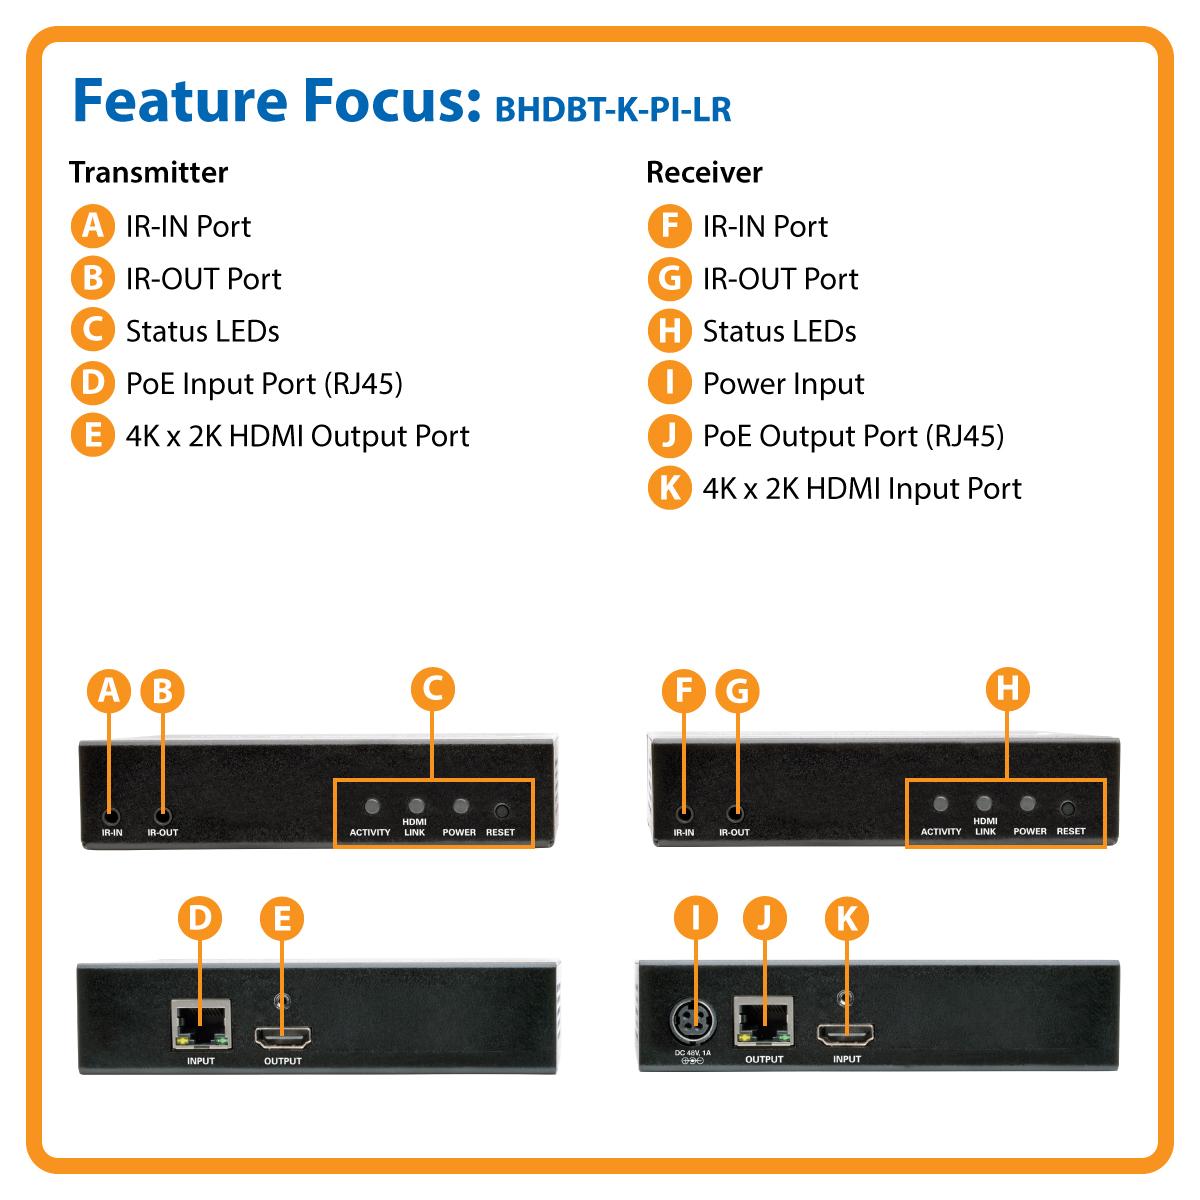 Tripp Lite Hdbaset Hdmi Over Cat5e 6 6a 4k X 2k Extender Kit Bhdbt Litetm Transmitter Power And Ir Control